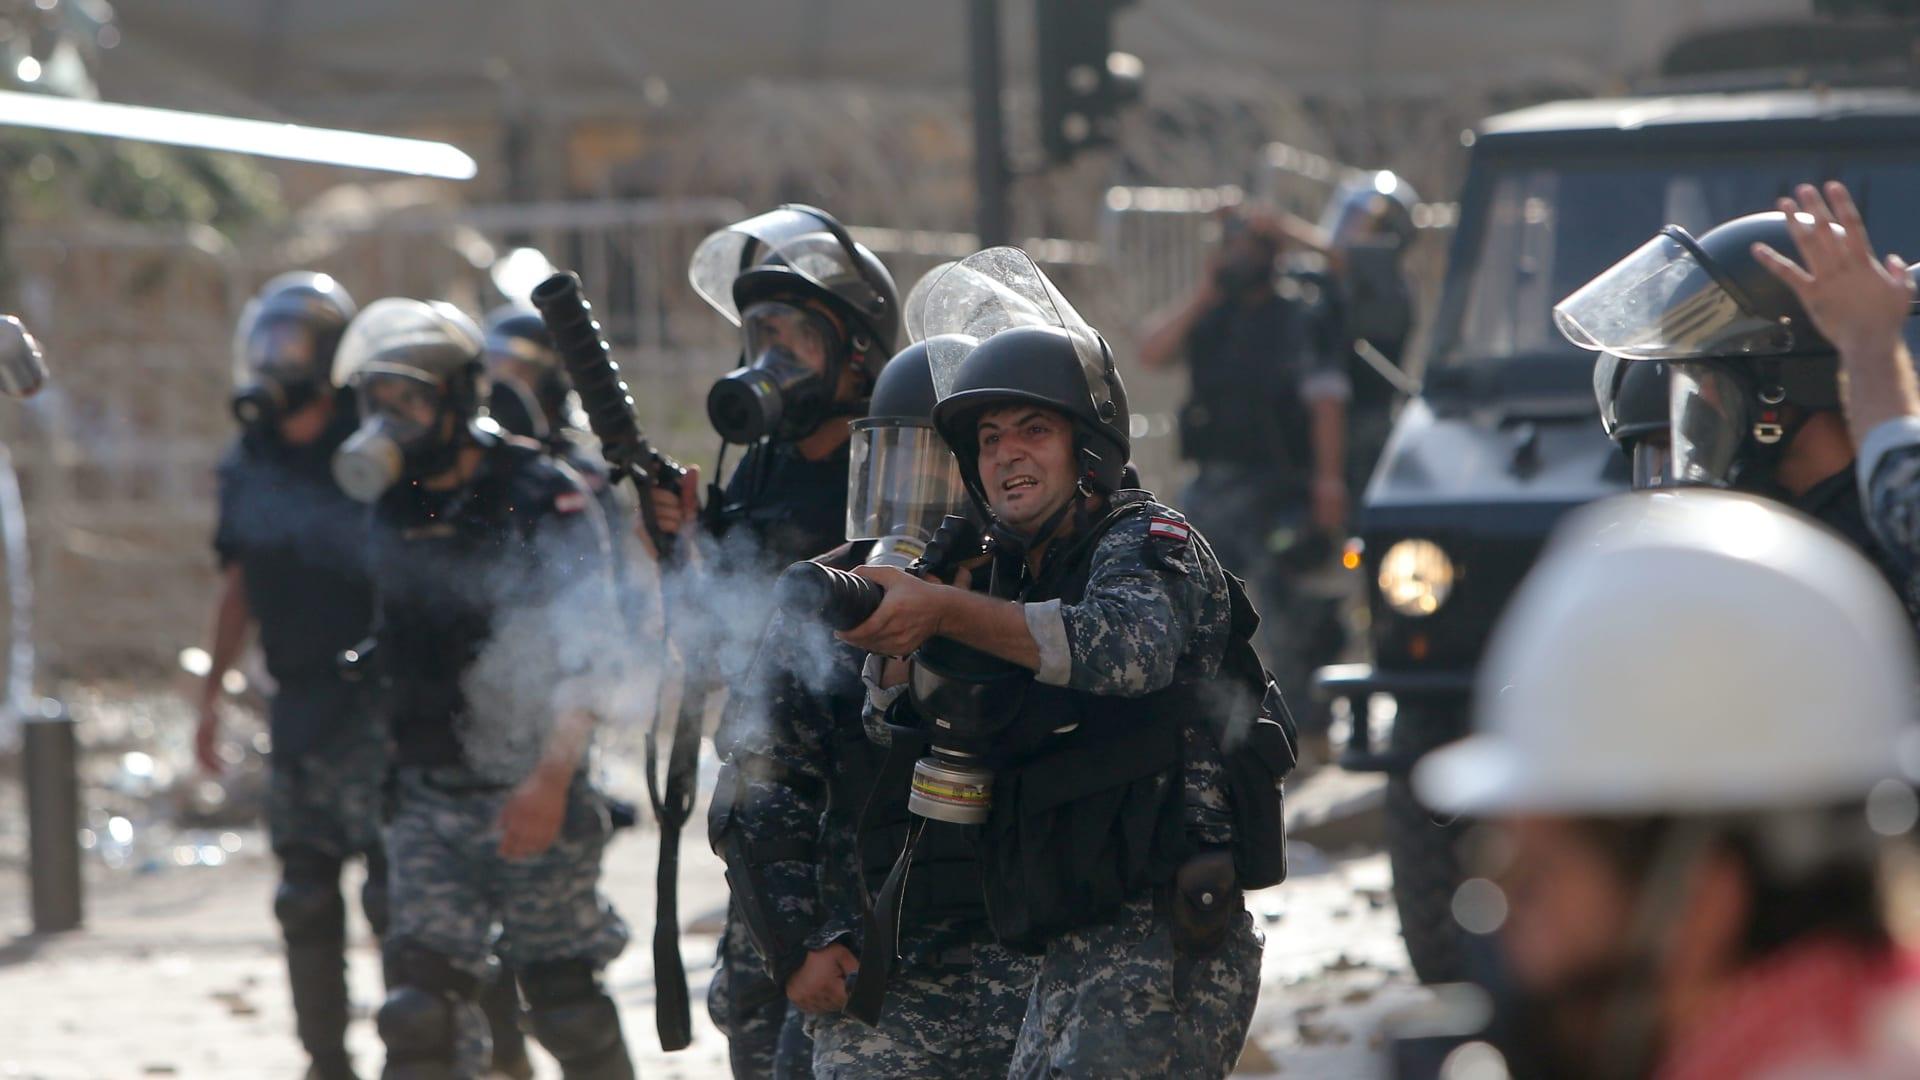 لبنان.. قوى الأمن الداخلي تنفي مواجهة المتظاهرين بالذخيرة الحية أو الرصاص المطاطي